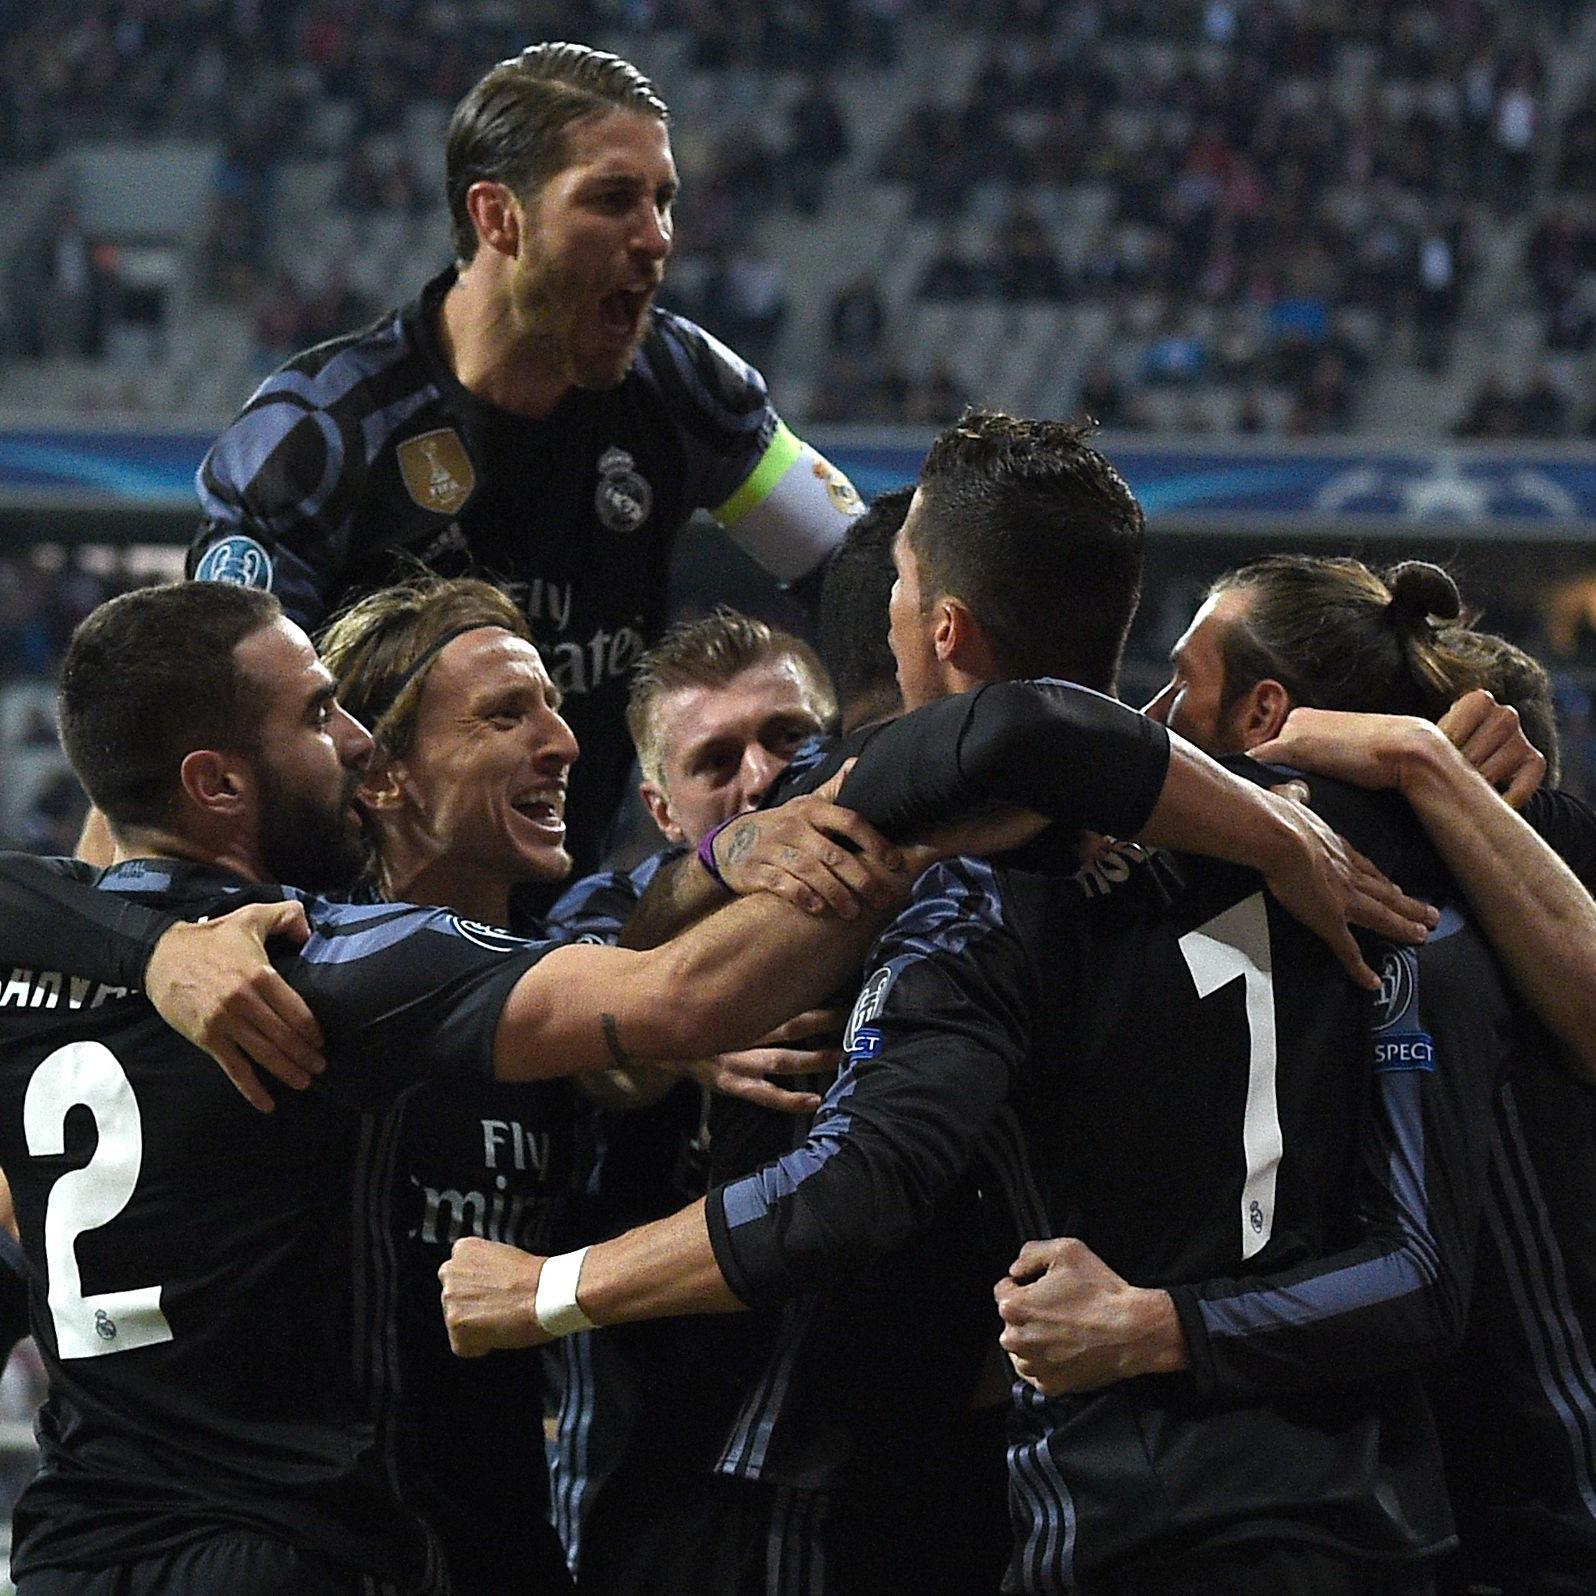 Ronaldo, Ramos und Co. jubeln über einen wichtigen 2:1-Sieg in München.